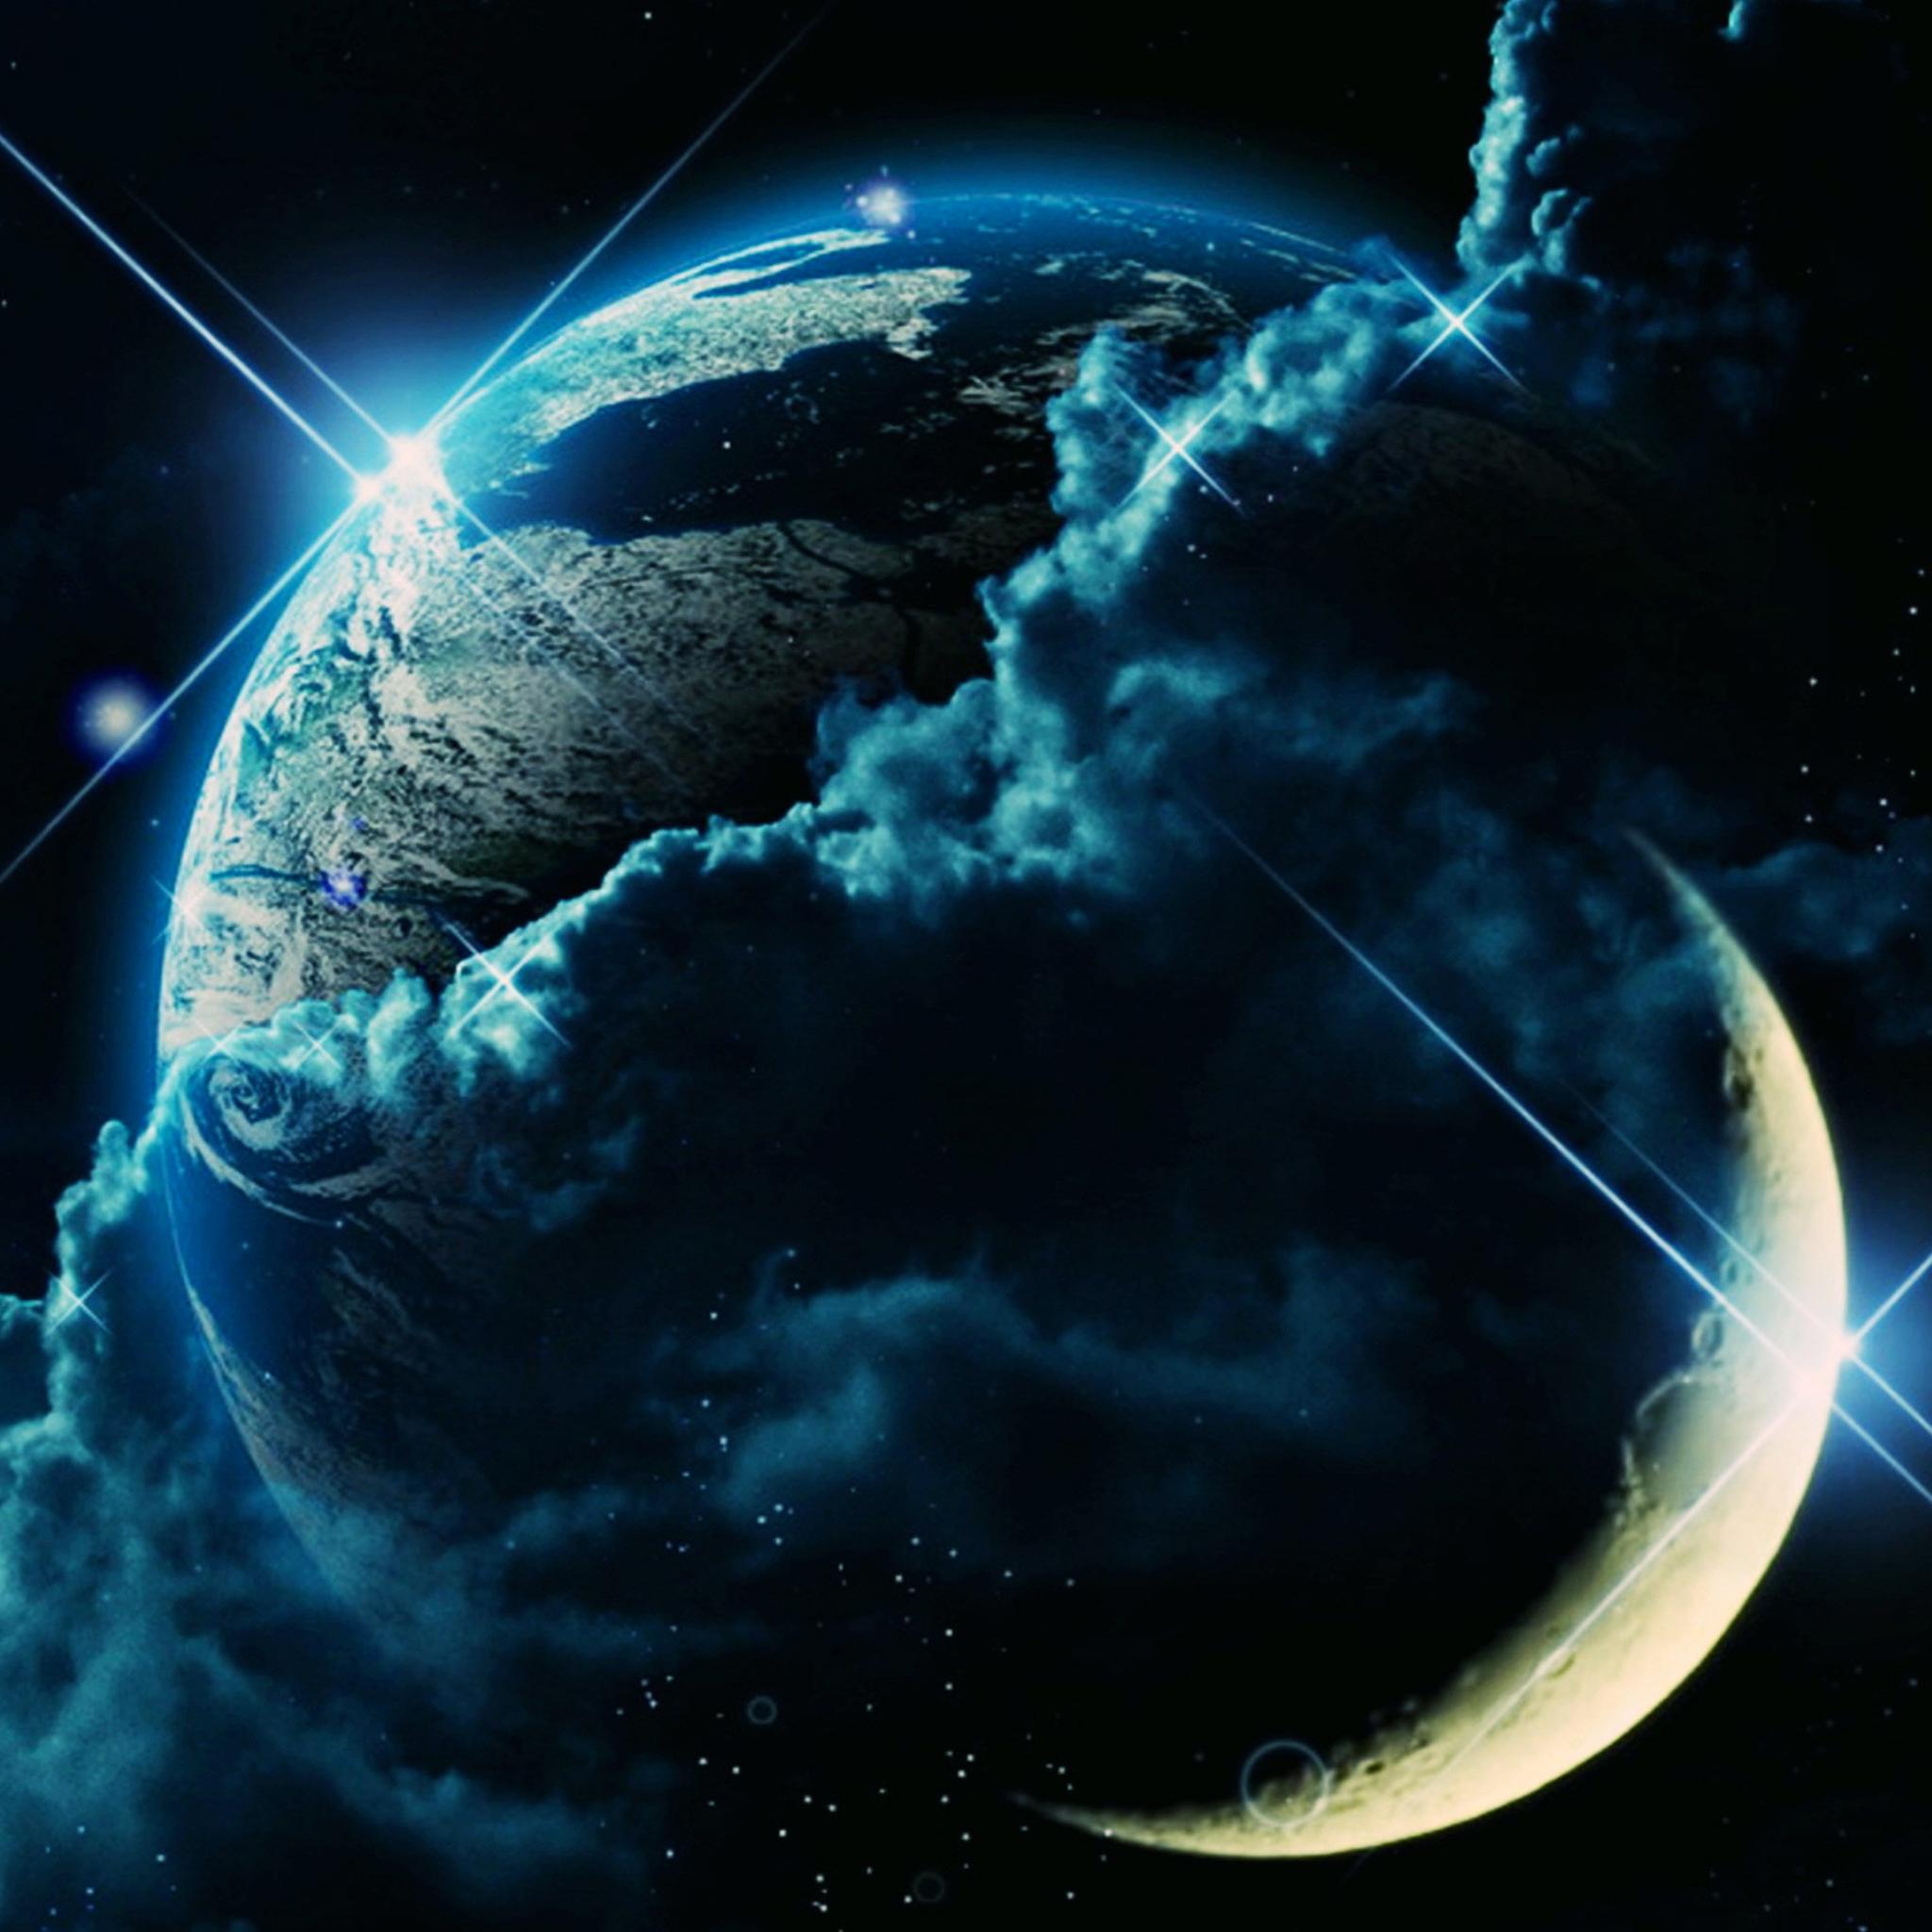 Ertha in Moon 3Wallpapers iPad Retina Earth in Moon   iPad Retina